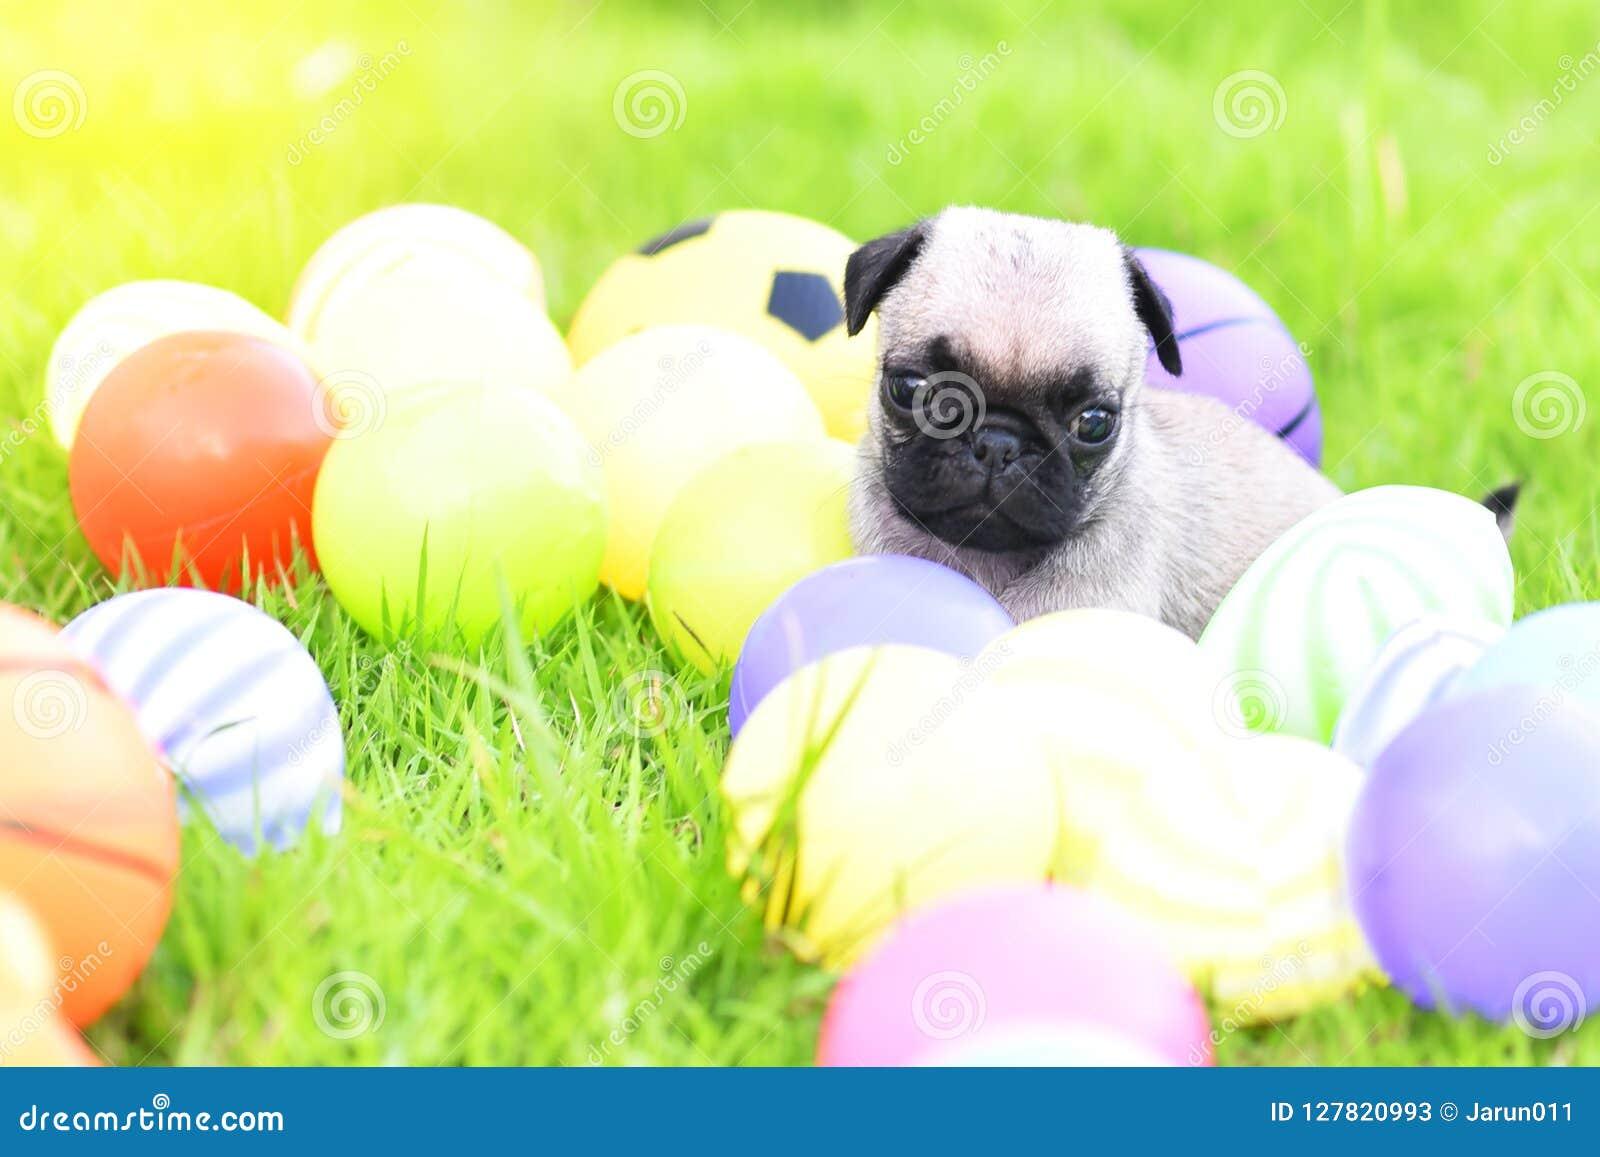 与绿色草坪的逗人喜爱的小狗哈巴狗